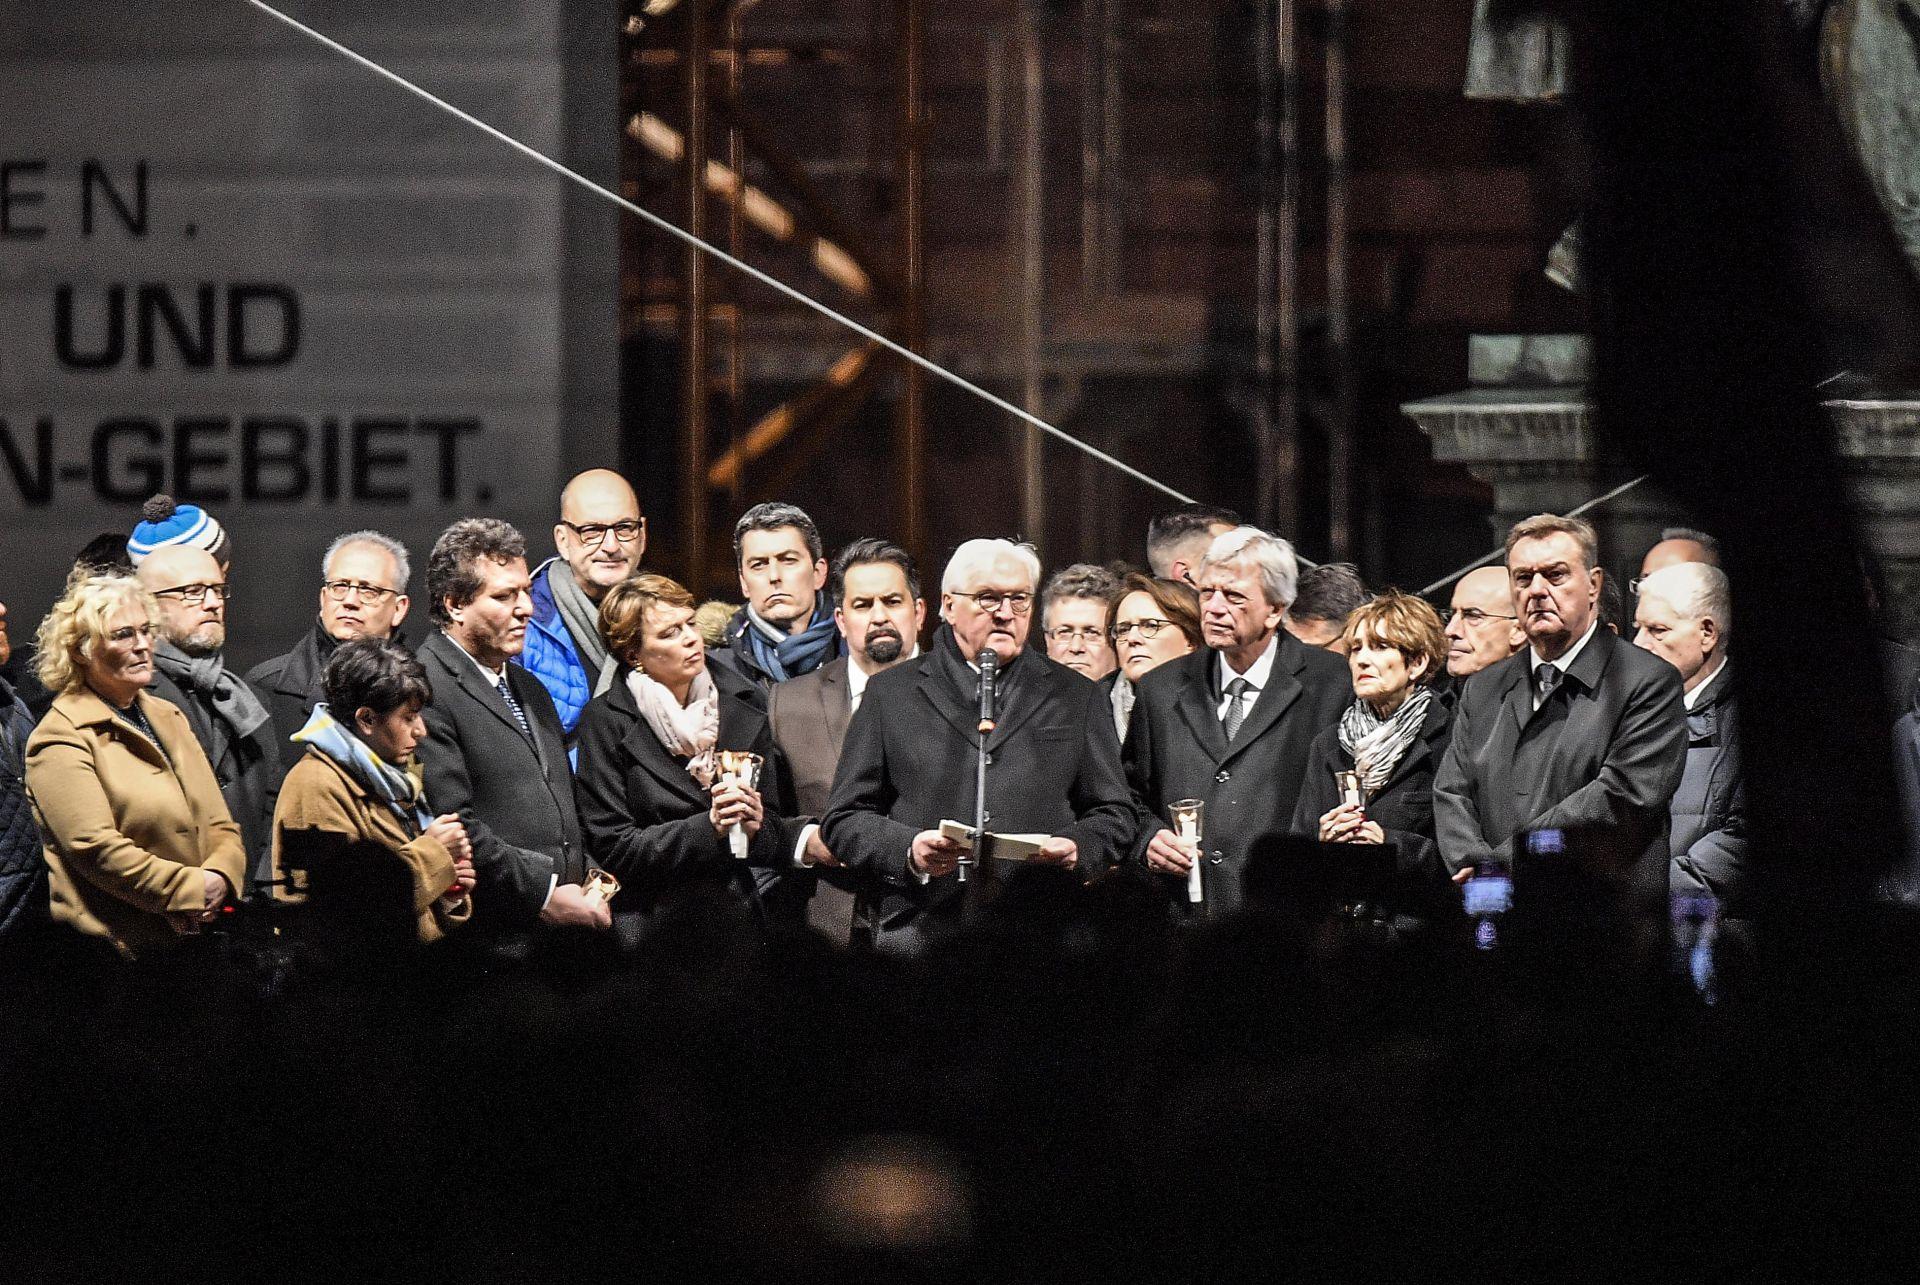 Германия осъди екстреисткото нападение